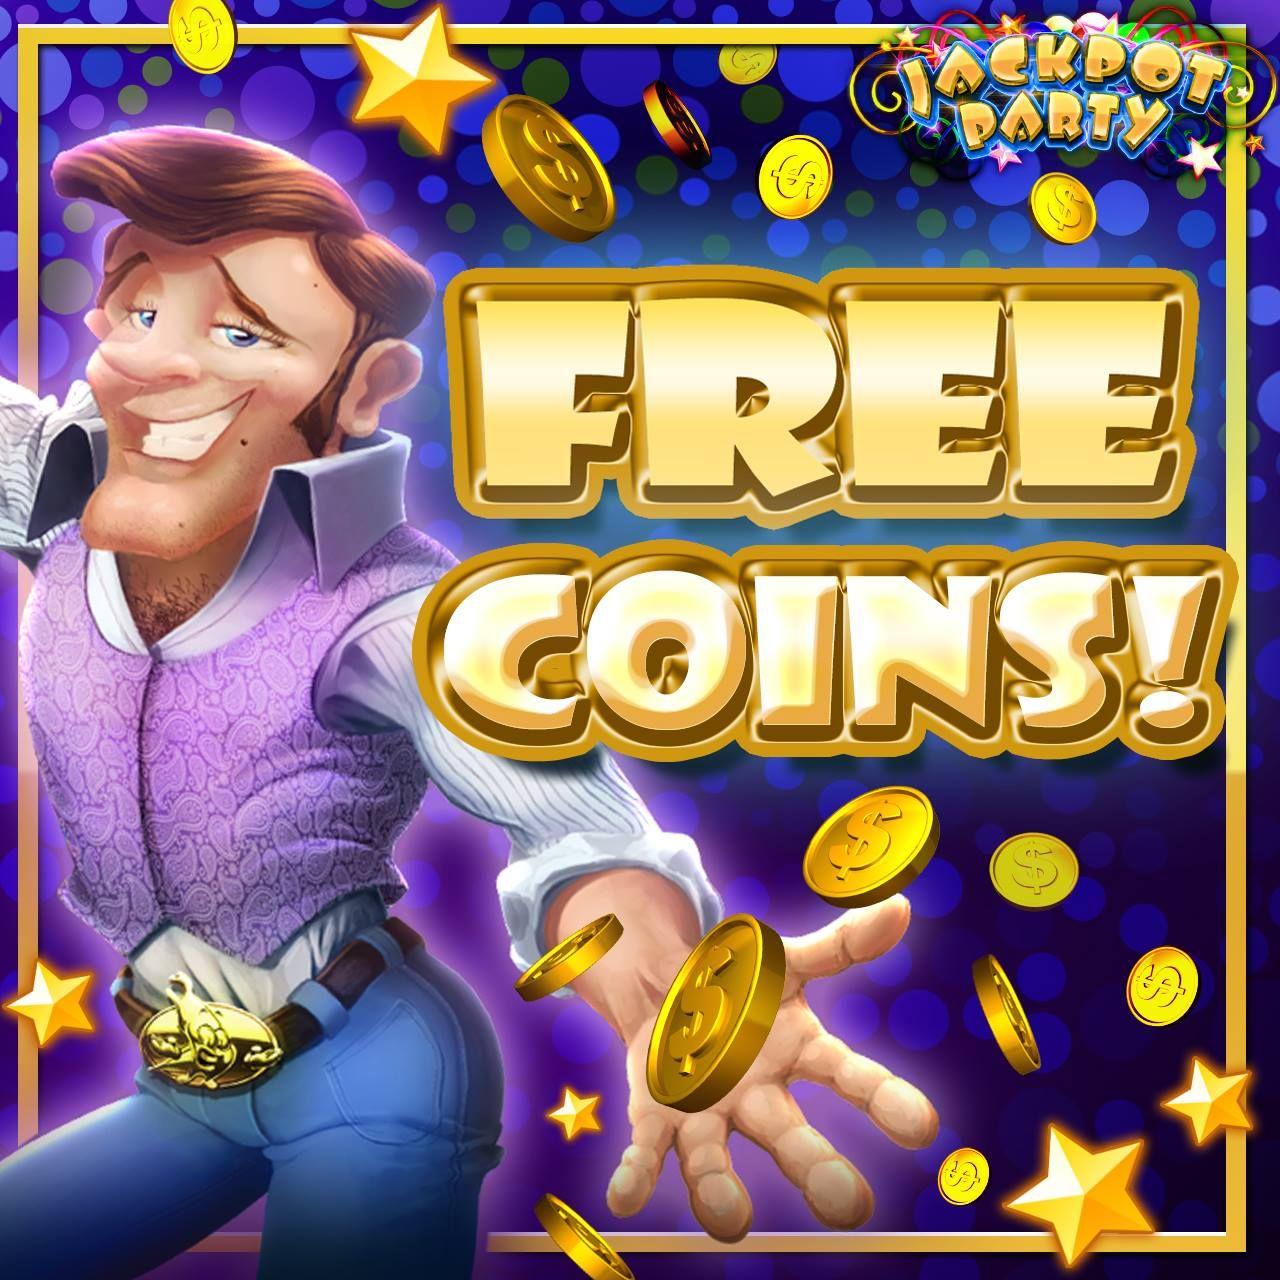 Jackpot party casino cheats free coins tips jackpot